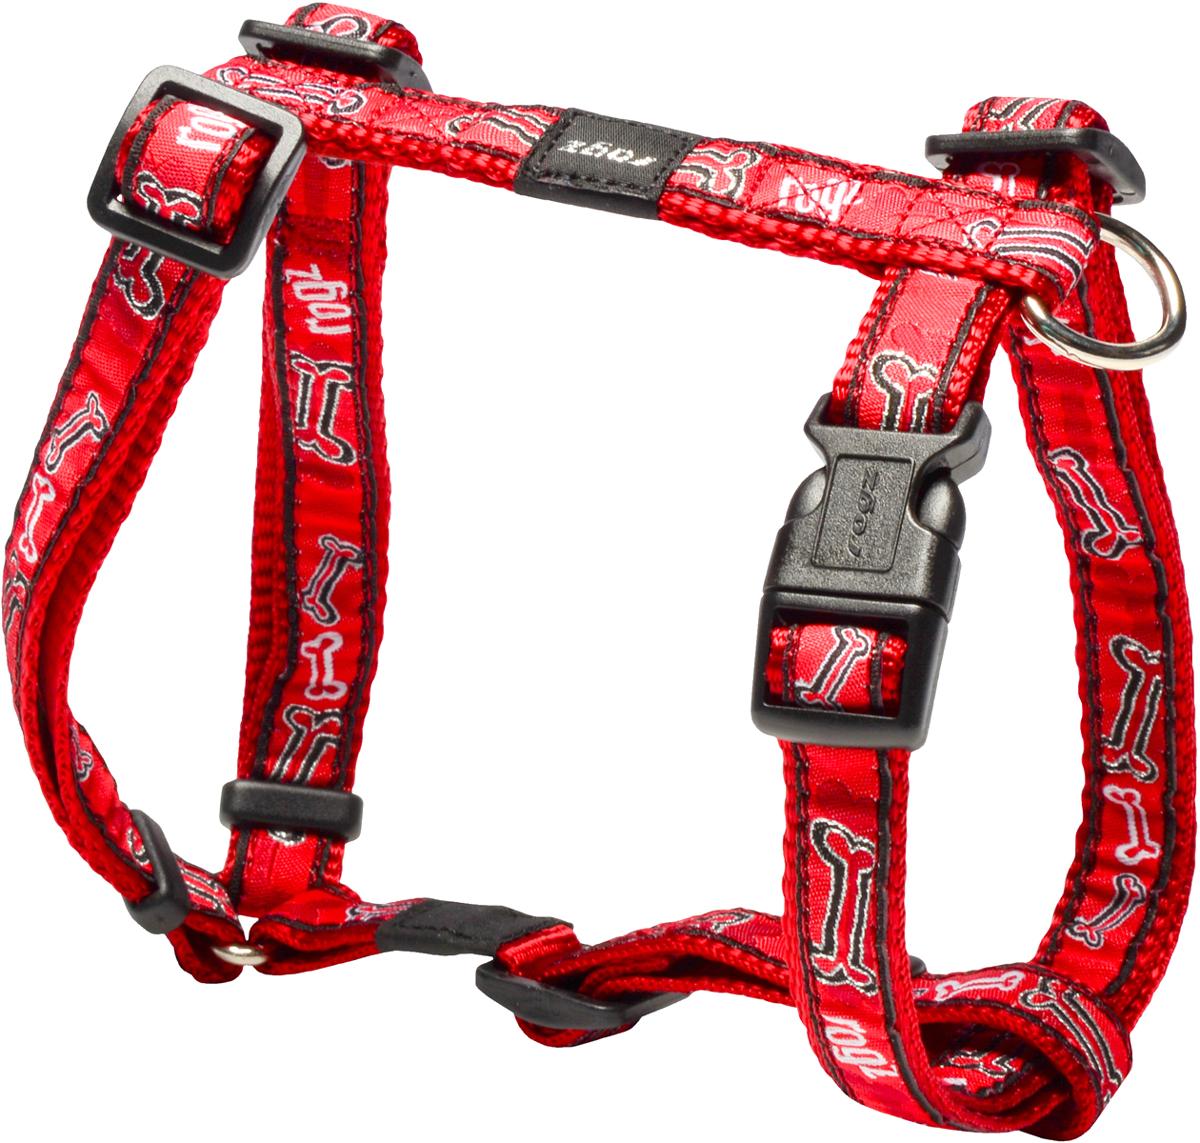 Шлейка для собак Rogz Fancy Dress, цвет: красный, ширина 1,6 см. Размер МSJ12CCШлейка для собак Rogz Fancy Dress имеет необычный дизайн. Широкая гамма потрясающе красивых орнаментов на прочной тесьме поверх нейлоновой ленты украсит вашего питомца.Застегивается, не доставляя неудобство собаке.Специальная конструкция пряжки Rog Loc - очень крепкая(система Fort Knox). Замок может быть расстегнут только рукой человека.С помощью системы ремней изделие подгоняется под животного индивидуально.Необыкновенно крепкая и прочная шлейка.Выполненные по заказу литые кольца выдерживают значительные физические нагрузки и имеют хромирование, нанесенное гальваническим способом, что позволяет избежать коррозии и потускнения изделия.Легко можно прикрепить к ошейнику и поводку.На обхват груди: 32 - 52 см.